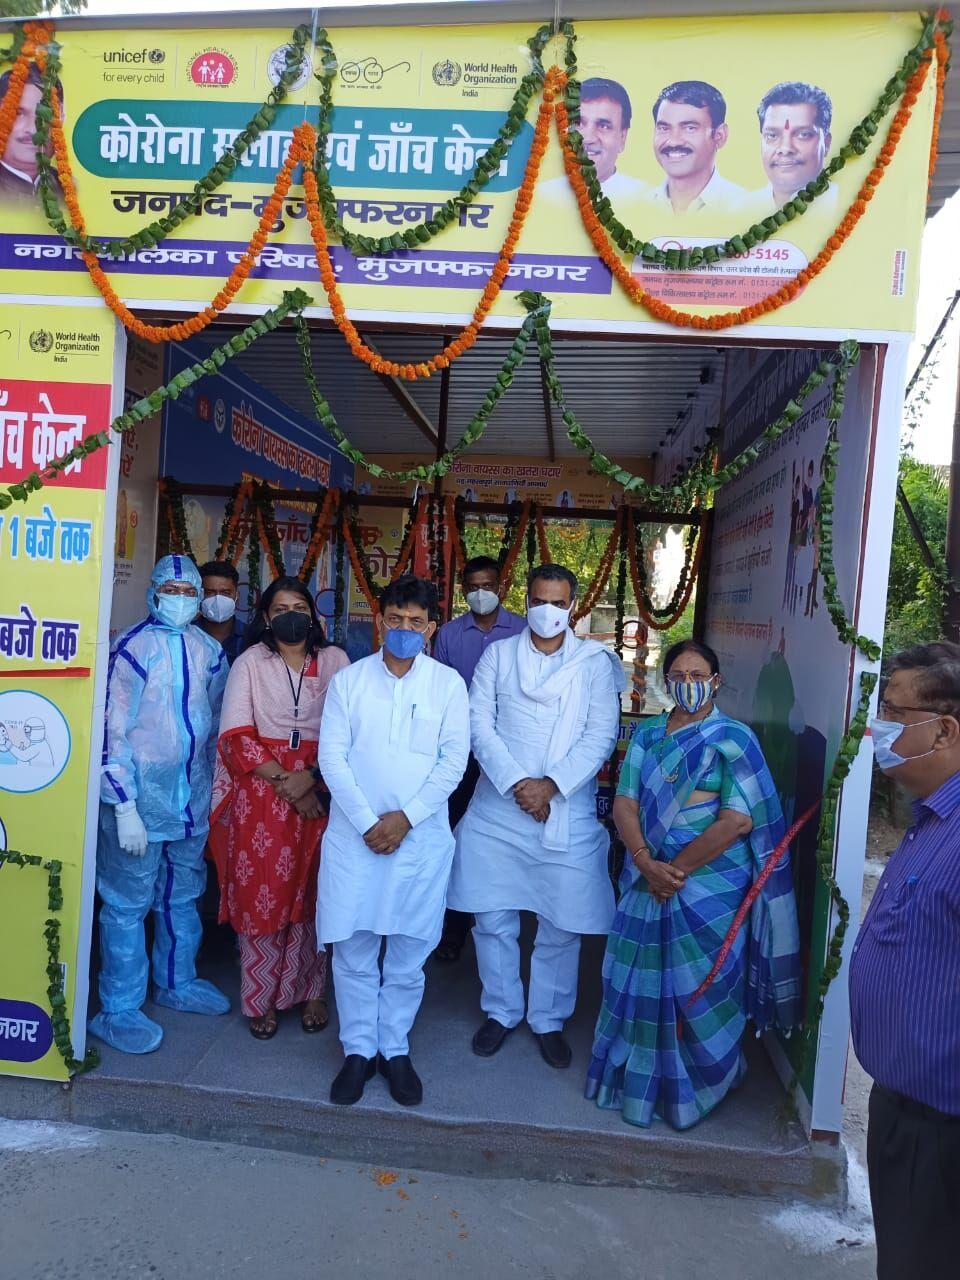 मुजफ्फरनगर में खुला यूपी का पहला ओपन कोविड टेस्ट सेंटर, मंत्रियों ने किया उद्घाटन